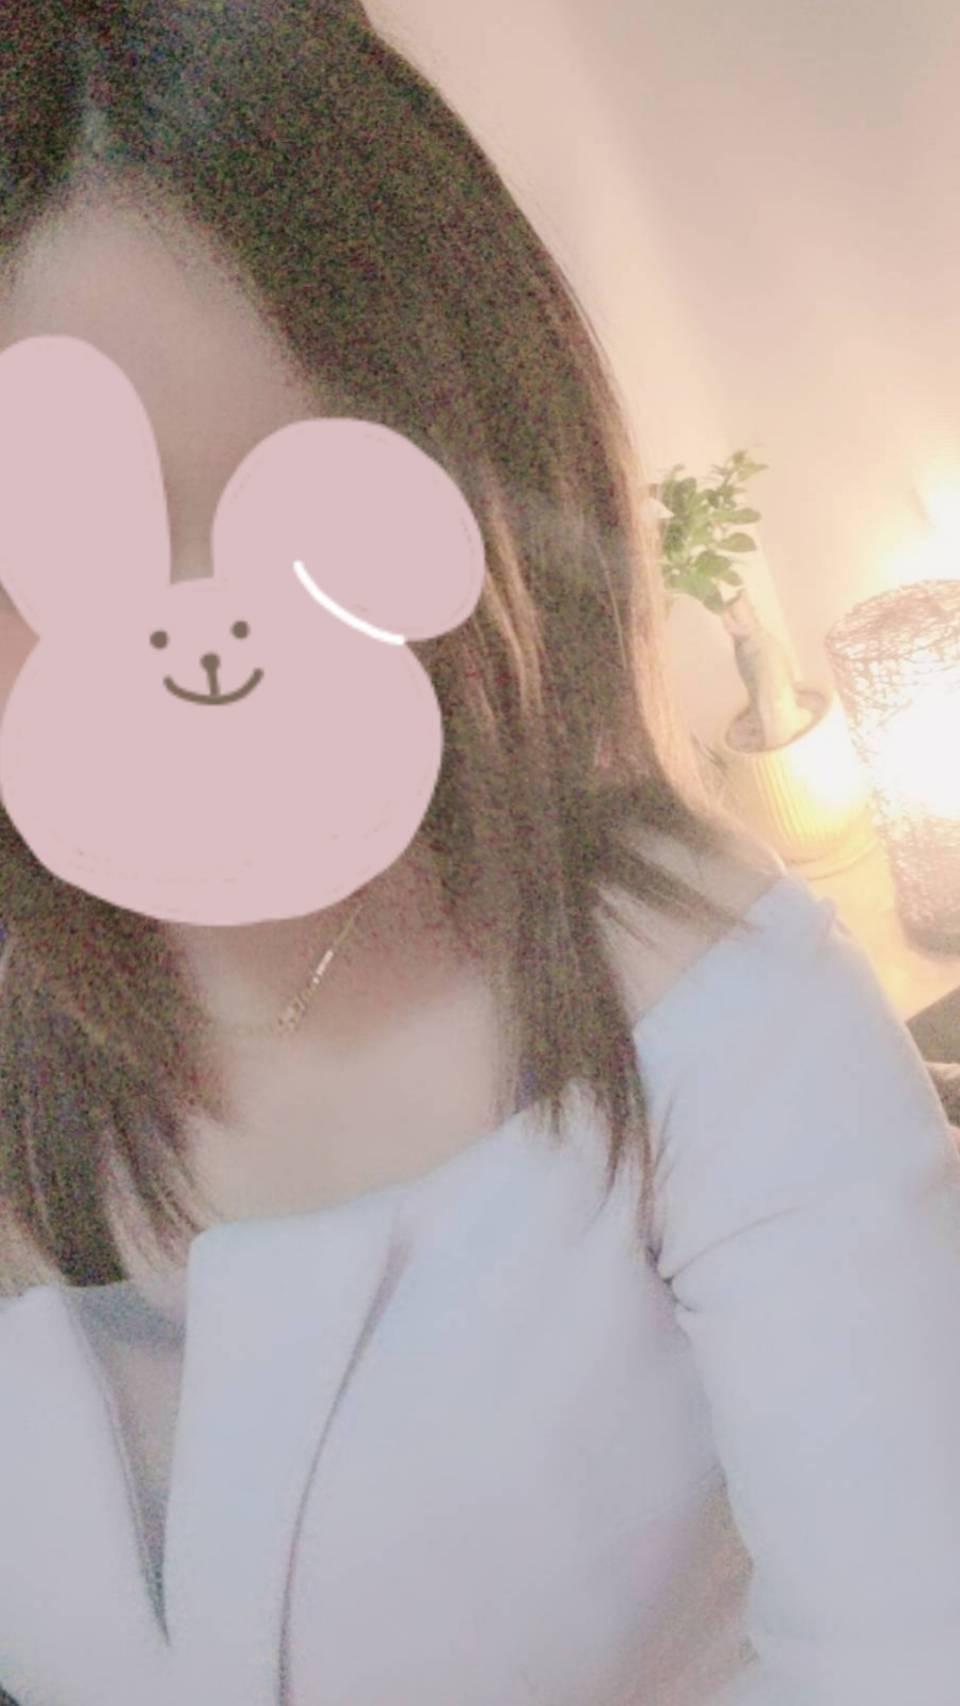 「こんにちわ」01/22(01/22) 11:07 | エリ ☆S-rankの写メ・風俗動画